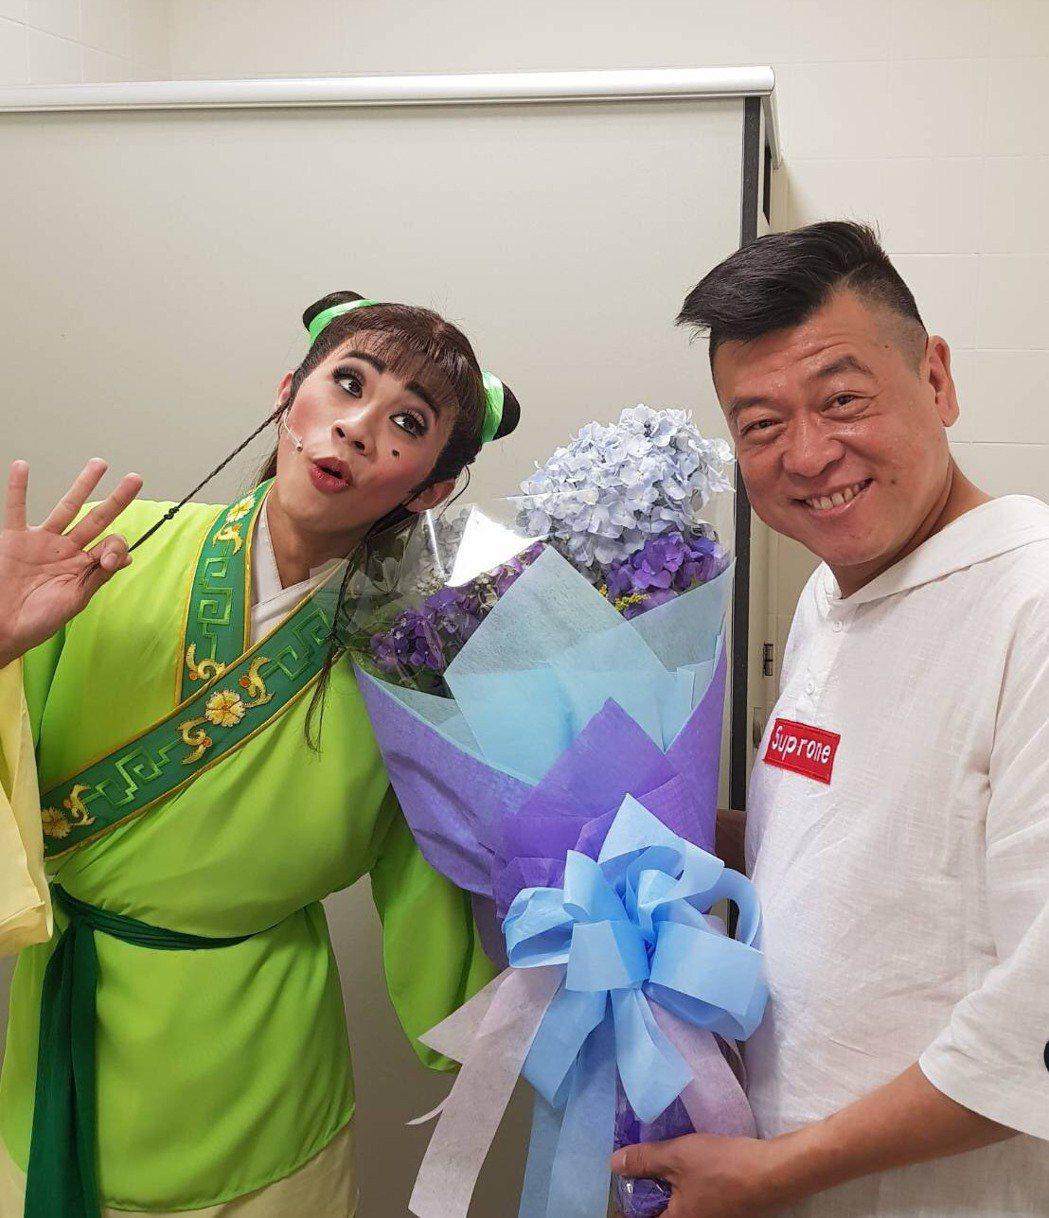 吳政迪畢業公演,孫德榮驚喜現身送花。圖/修毅提供